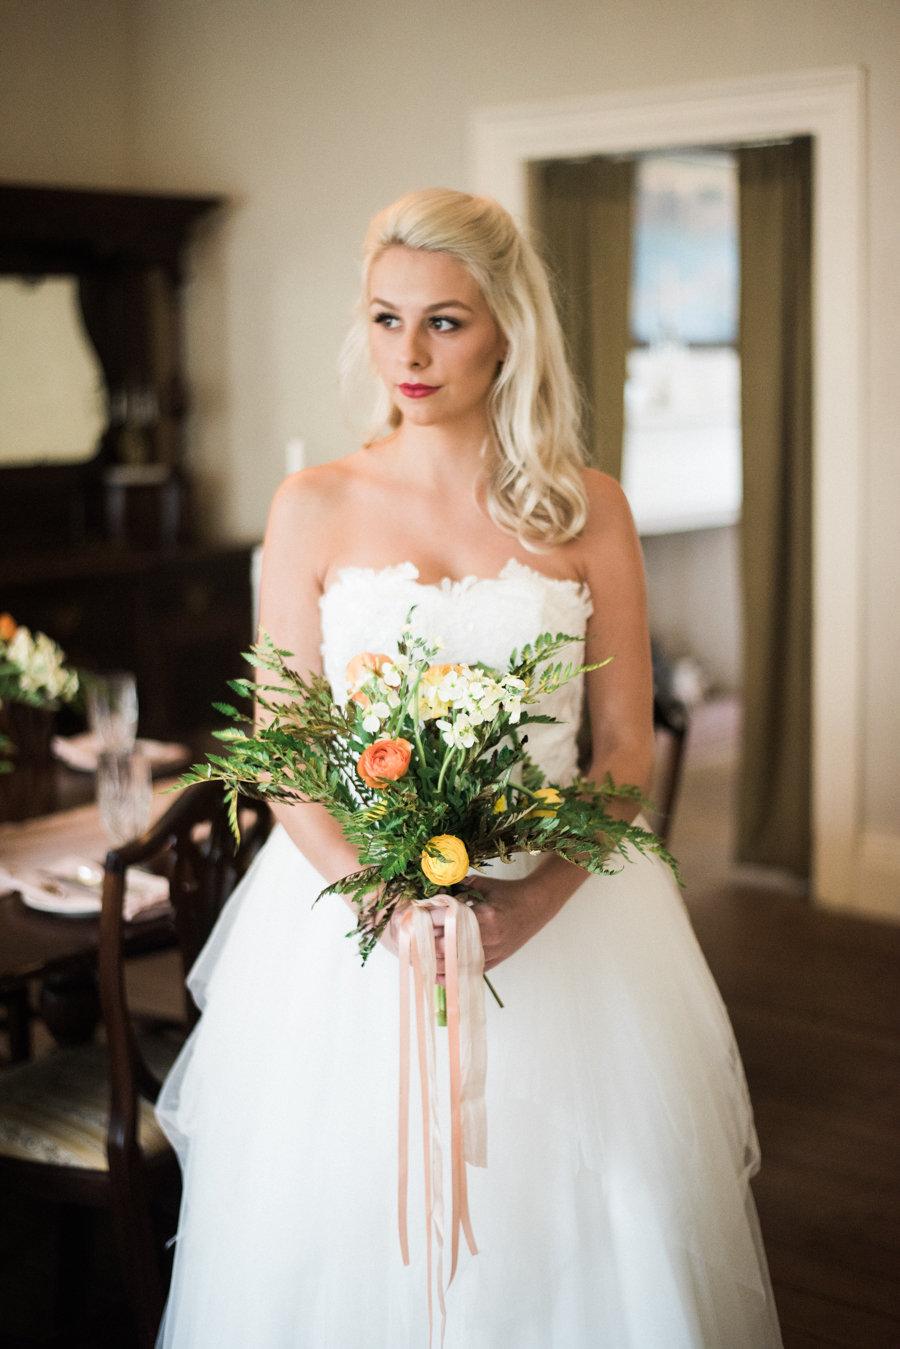 Southern Bride & Vintage Bridal Bouquet